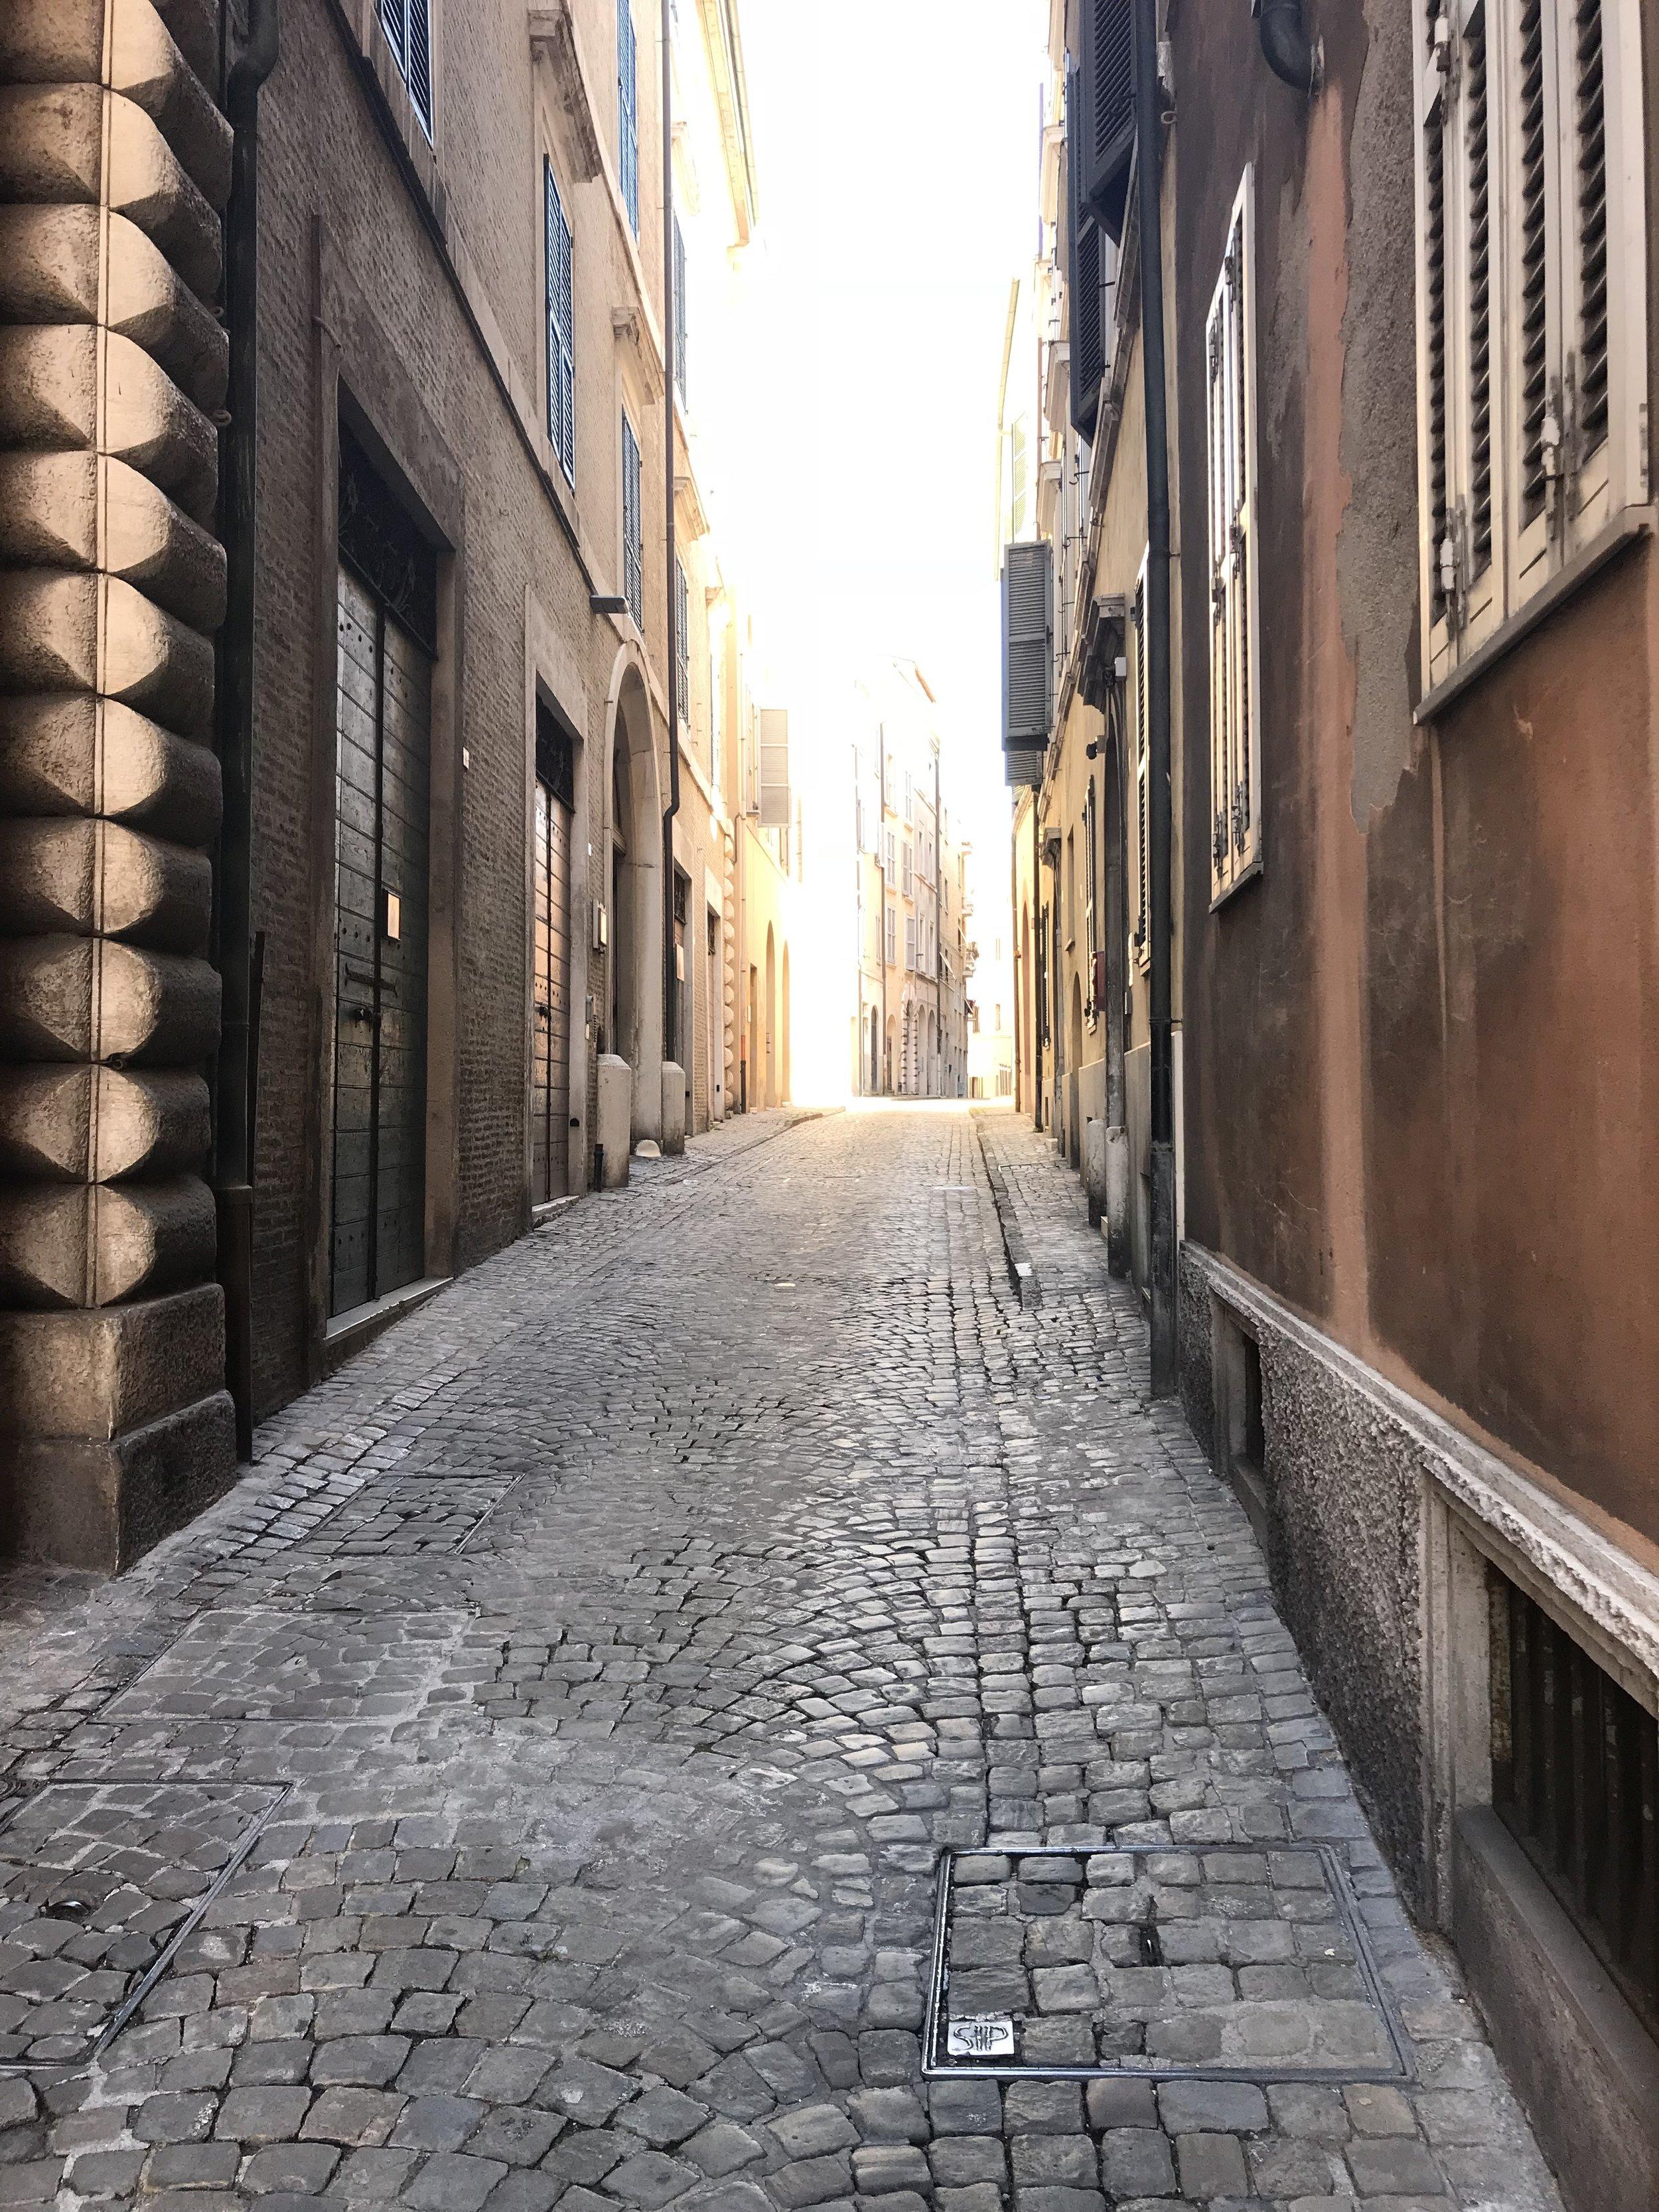 Ancona, Marche region of Italy.